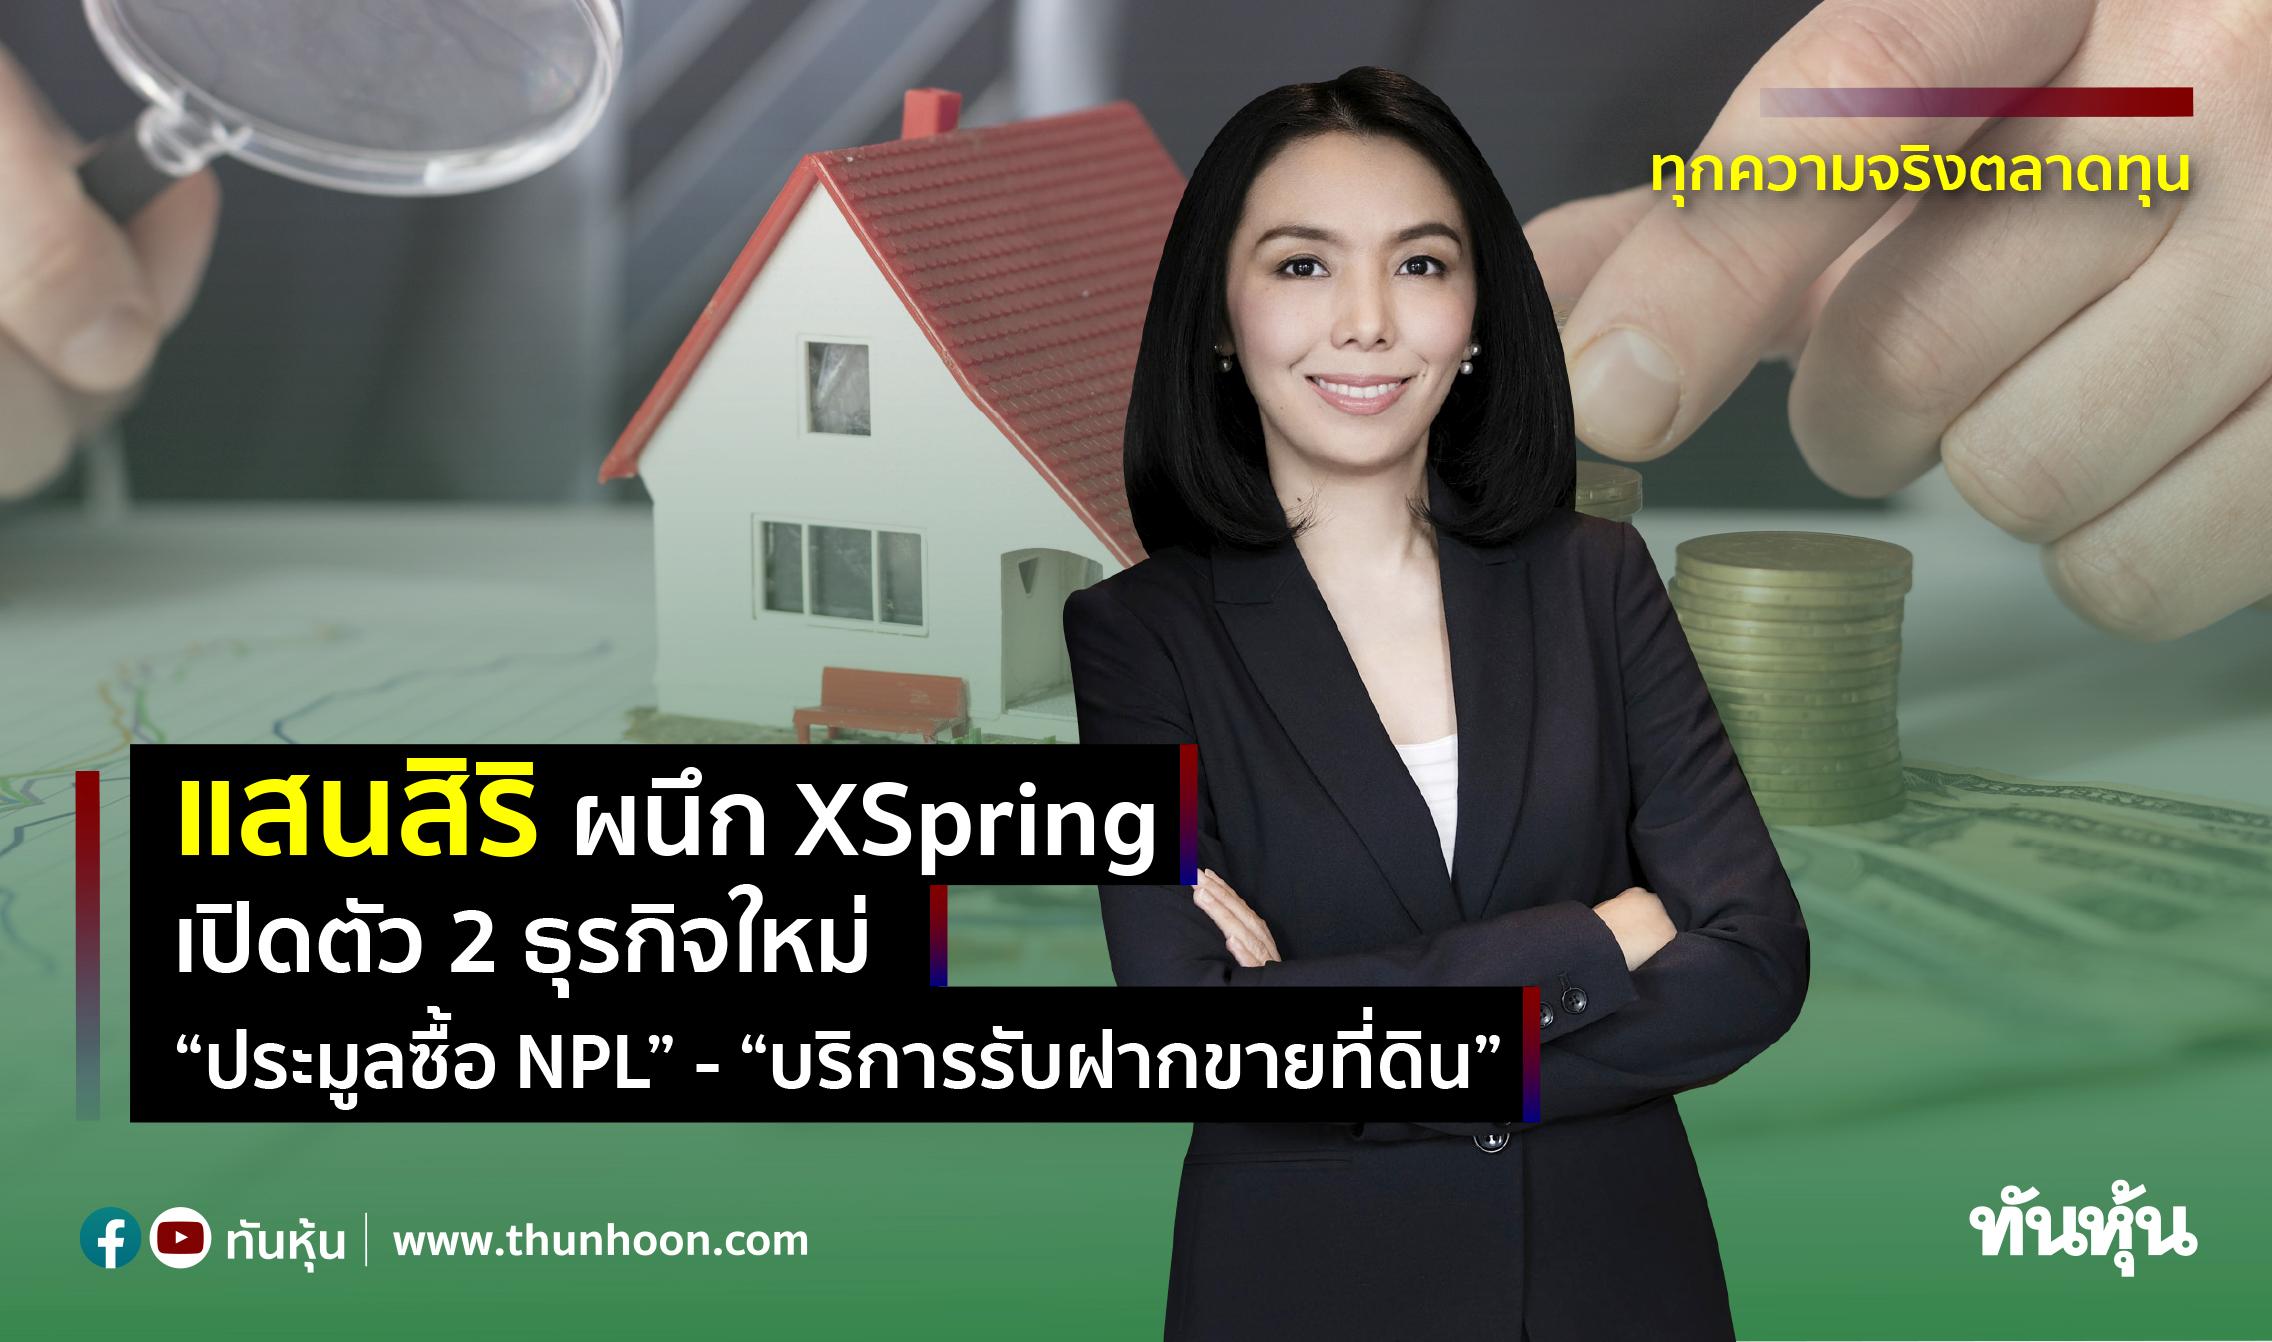 แสนสิริ ผนึก XSpring เปิดตัวธุรกิจ 'ประมูลซื้อ NPL' - 'บริการรับฝากขายที่ดิน'